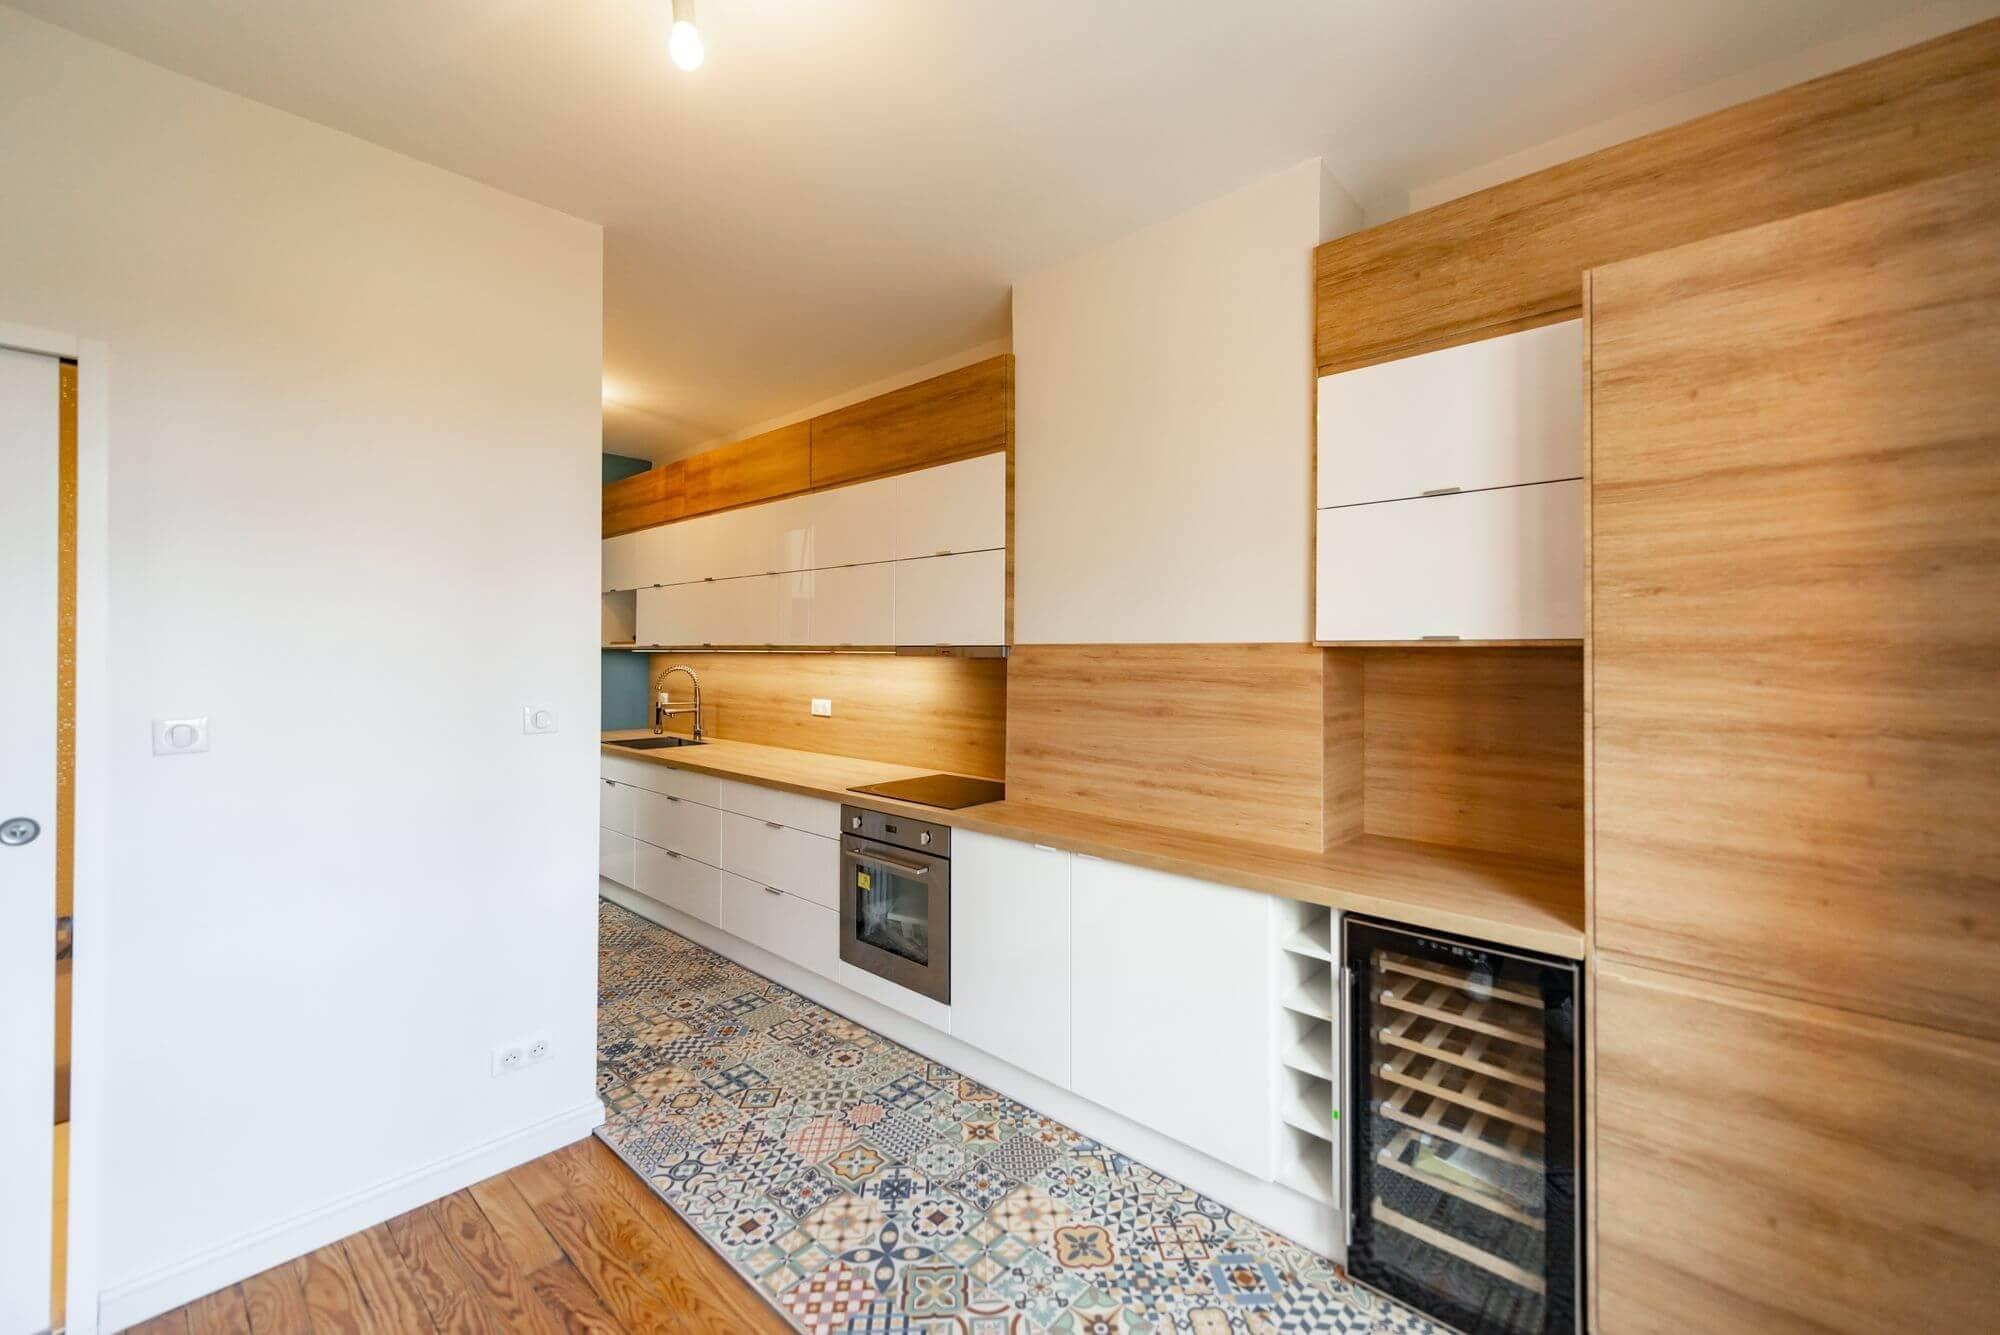 Travaux de rénovation de l'appartement garantis